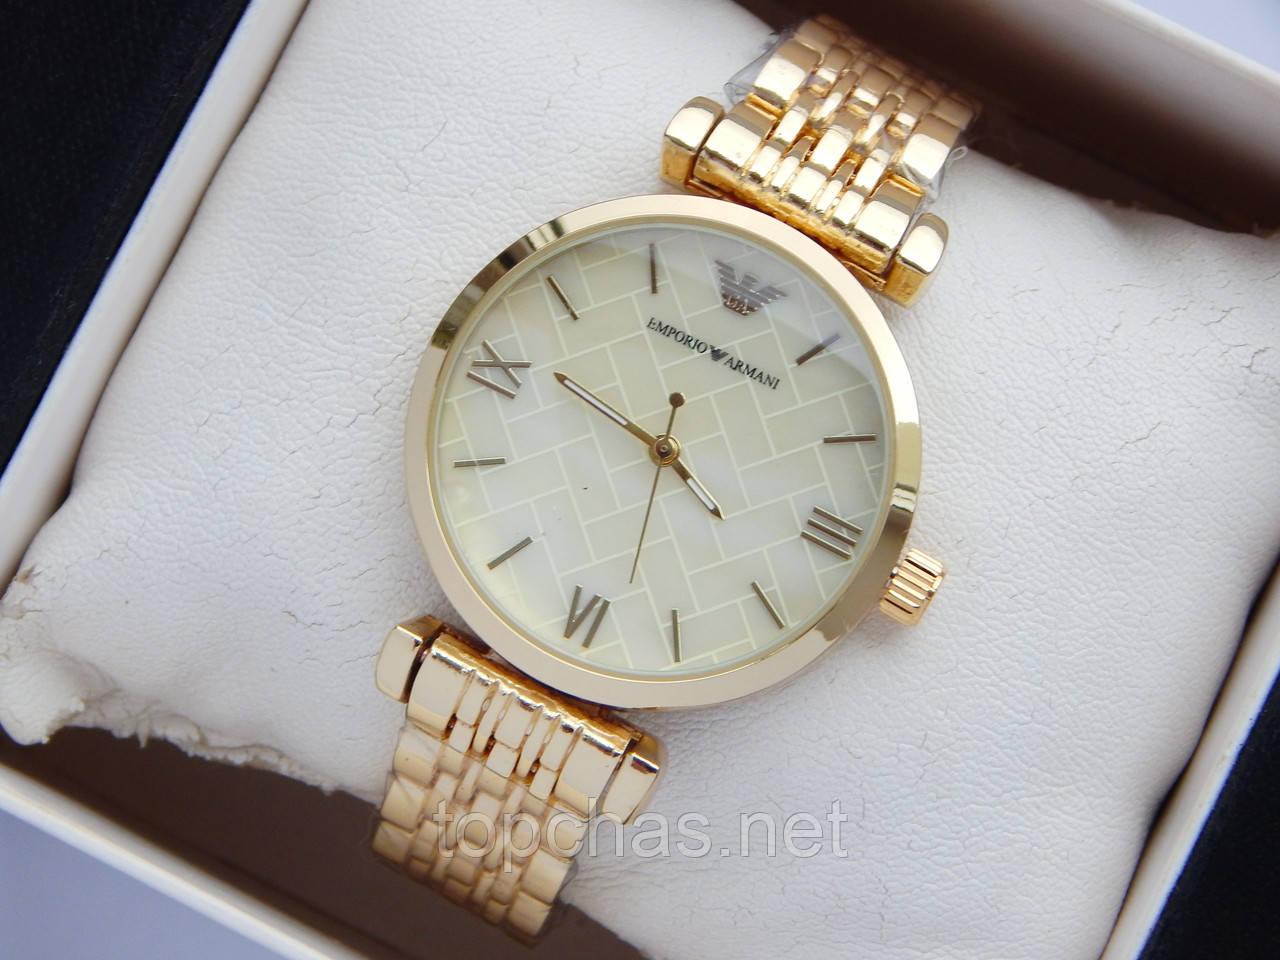 637cc1d2 Наручные часы Emporio Armani небольшого размера, золото, золотистый  циферблат - Top Chas - Интернет